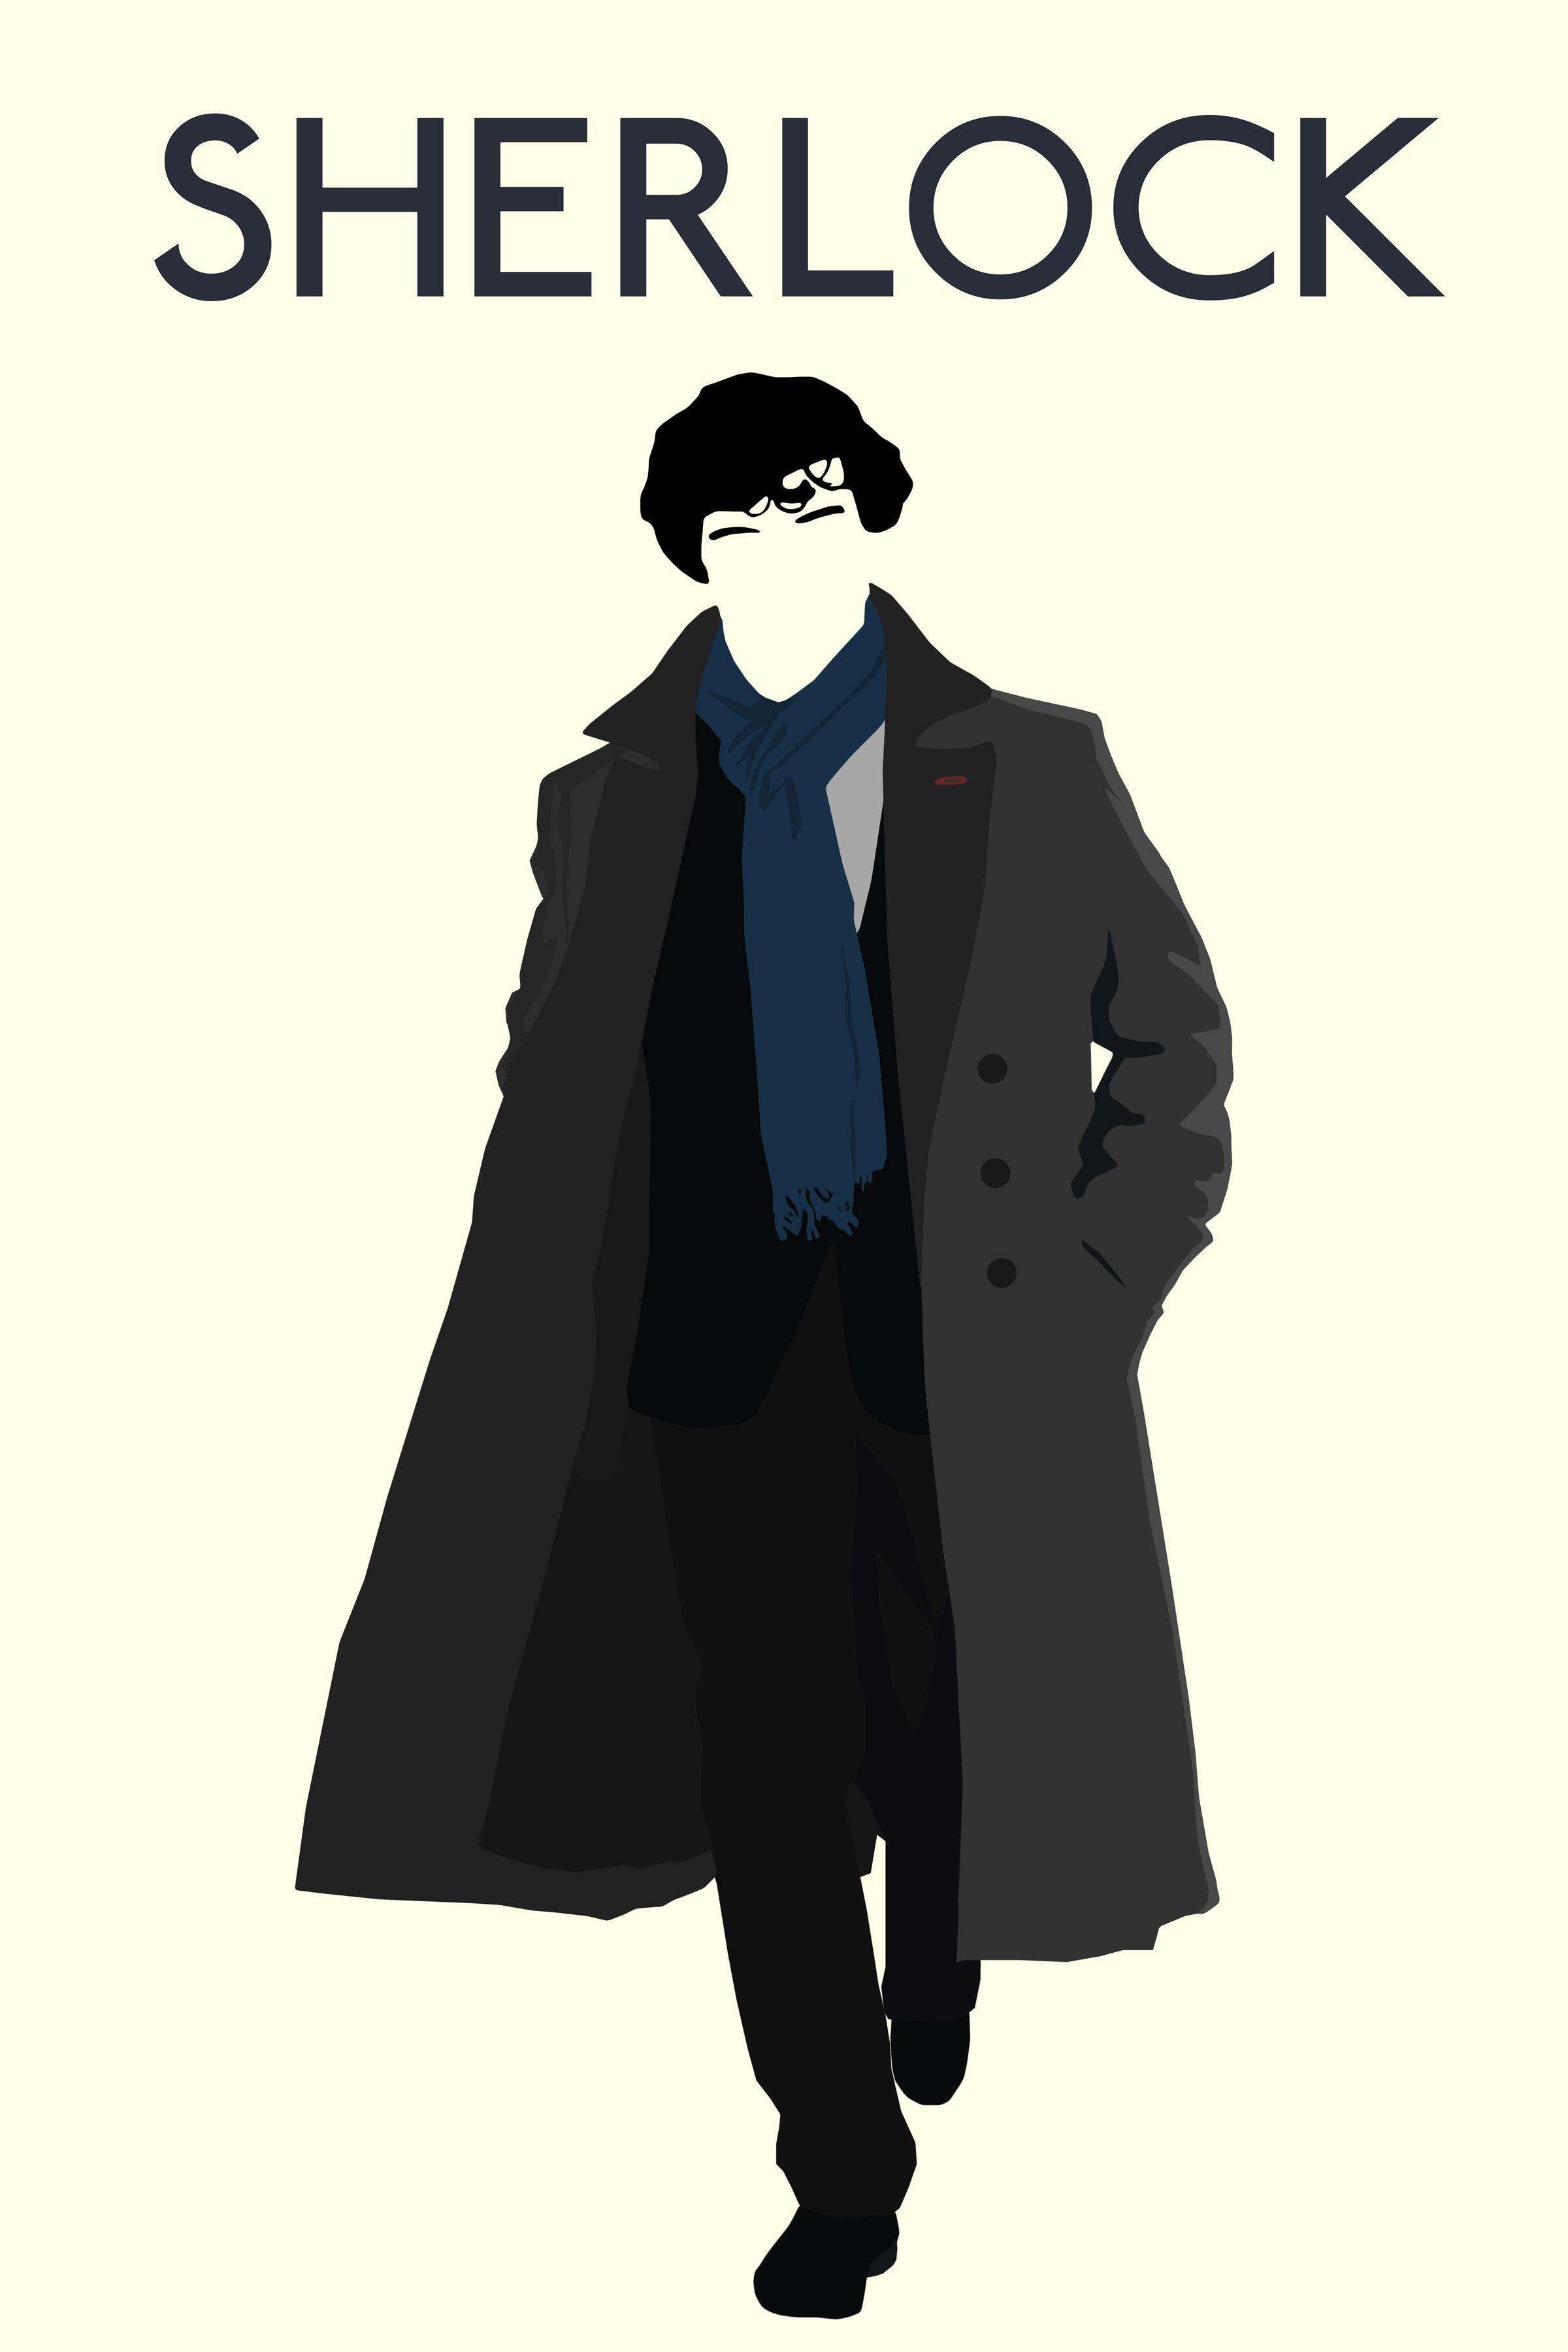 Wall Sticker Mirrors Image Minimalist Sherlock Poster I Made Sherlock